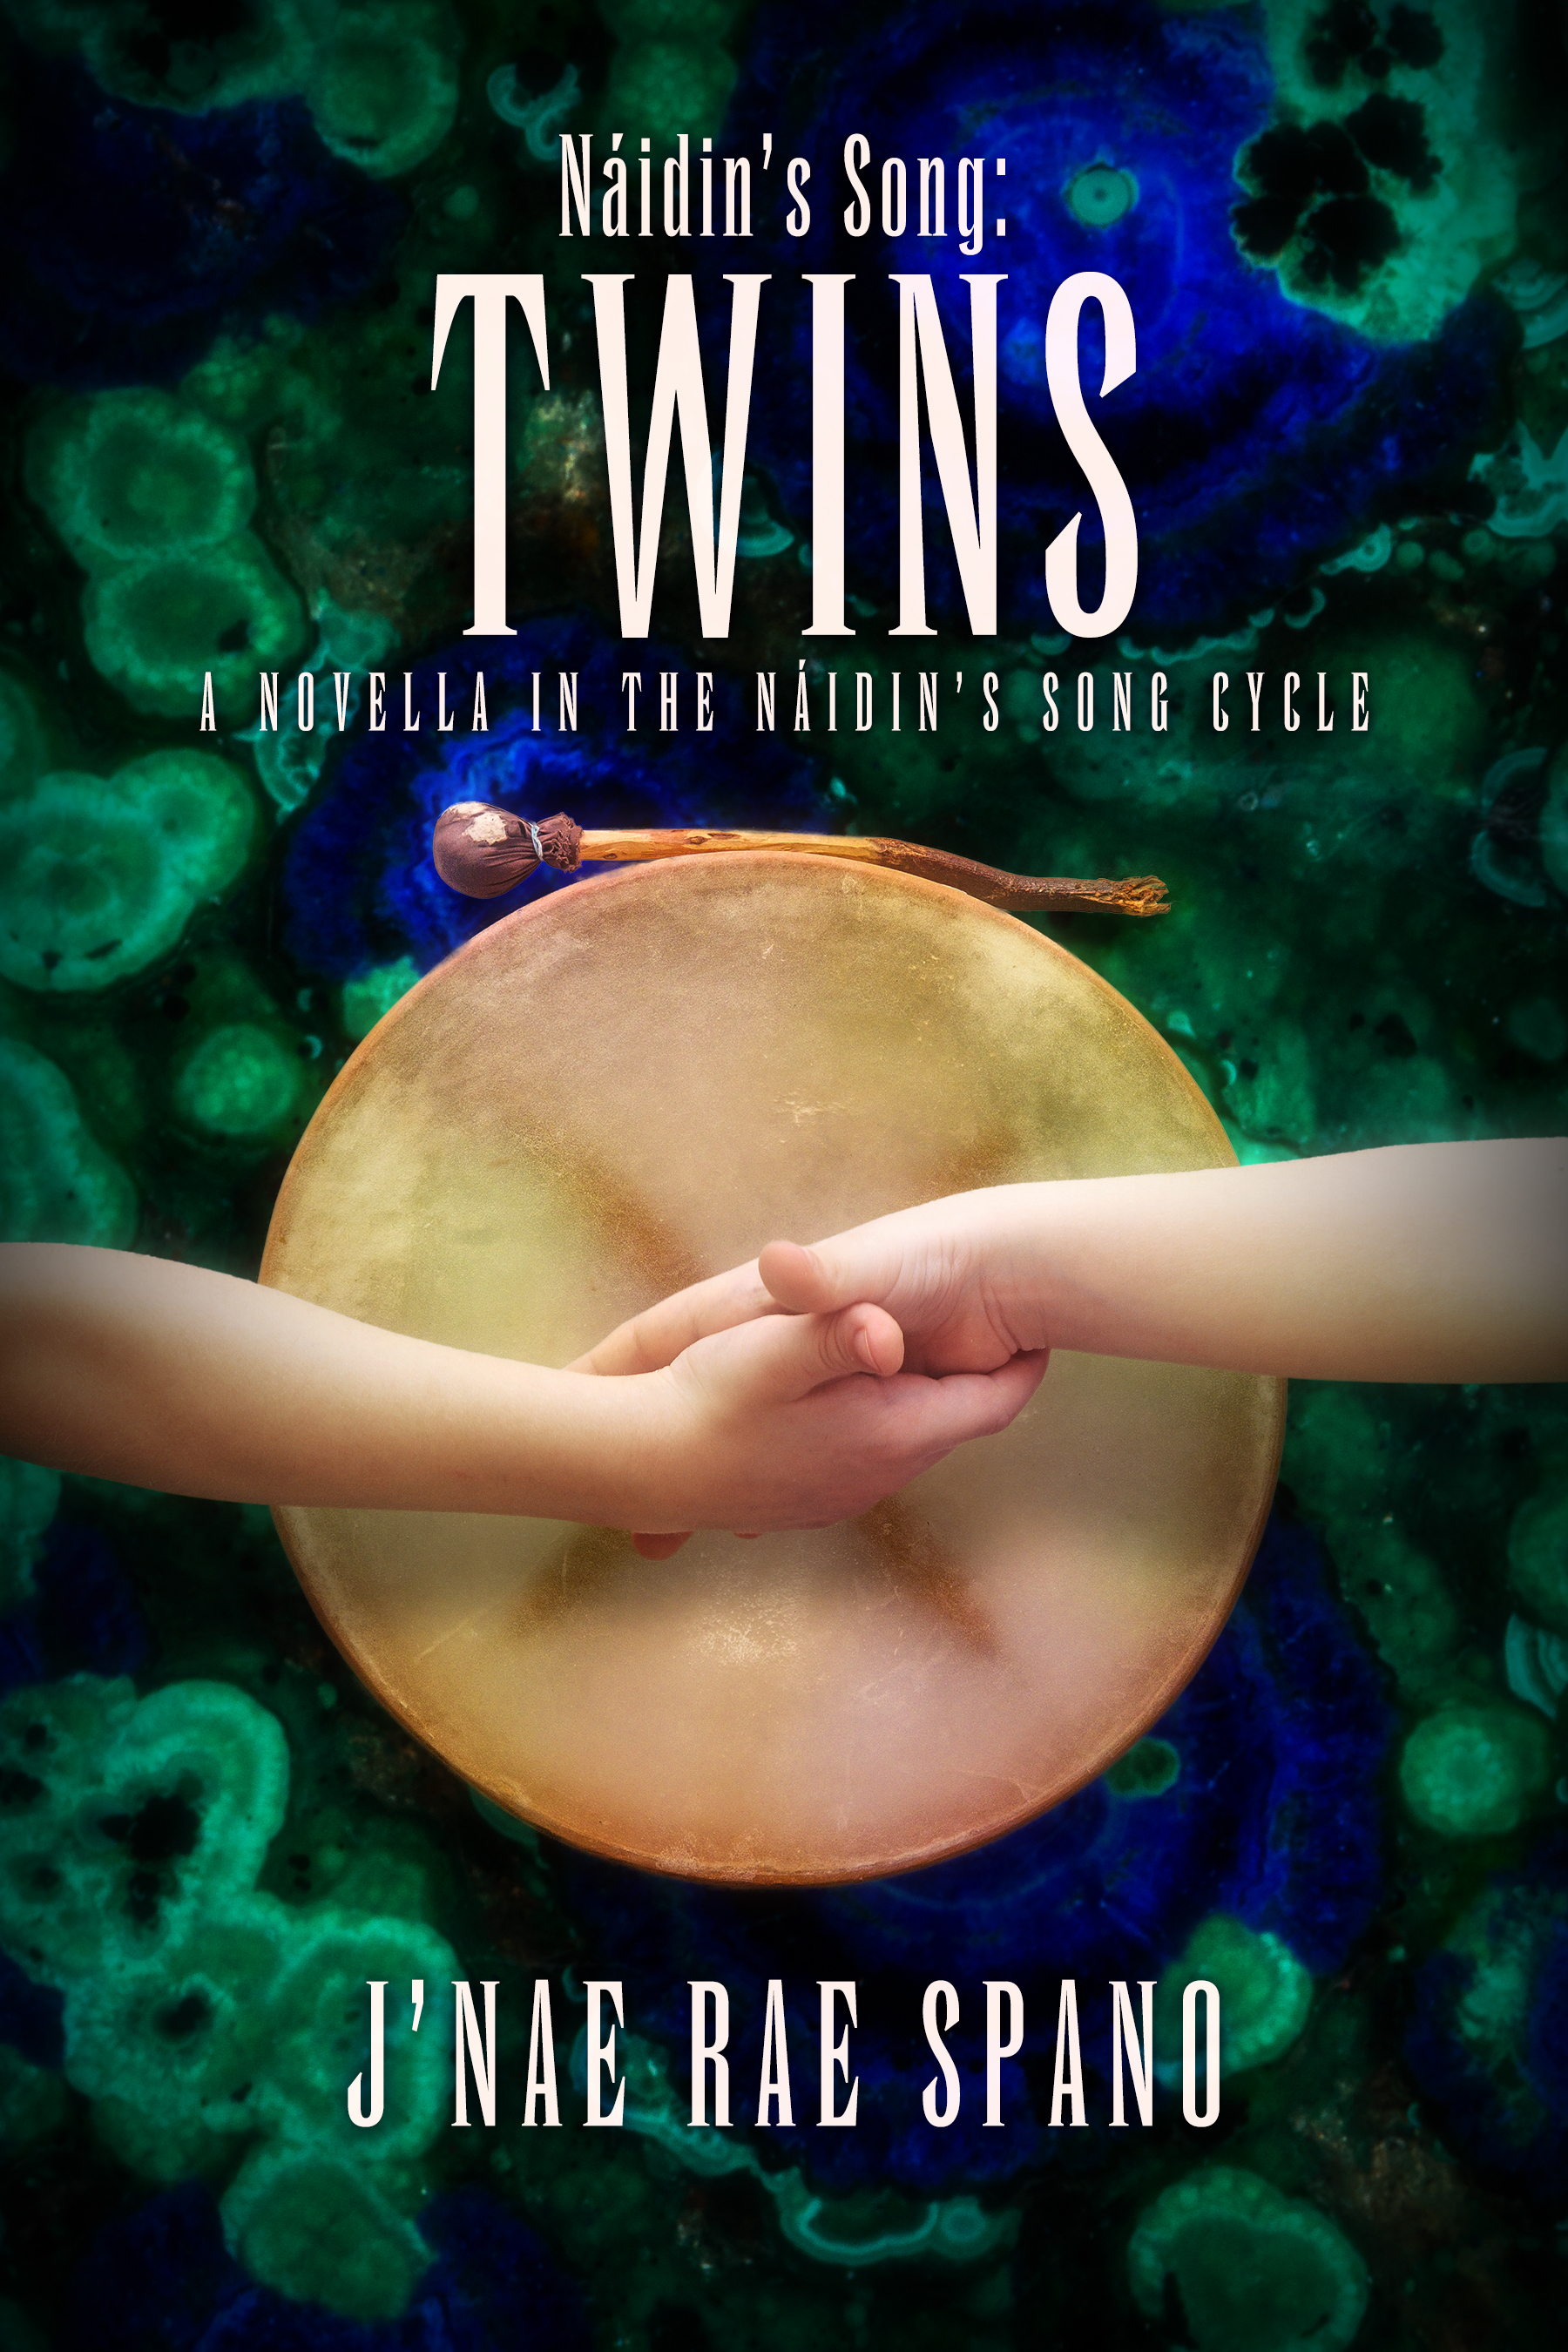 Naidin's Song: Twins